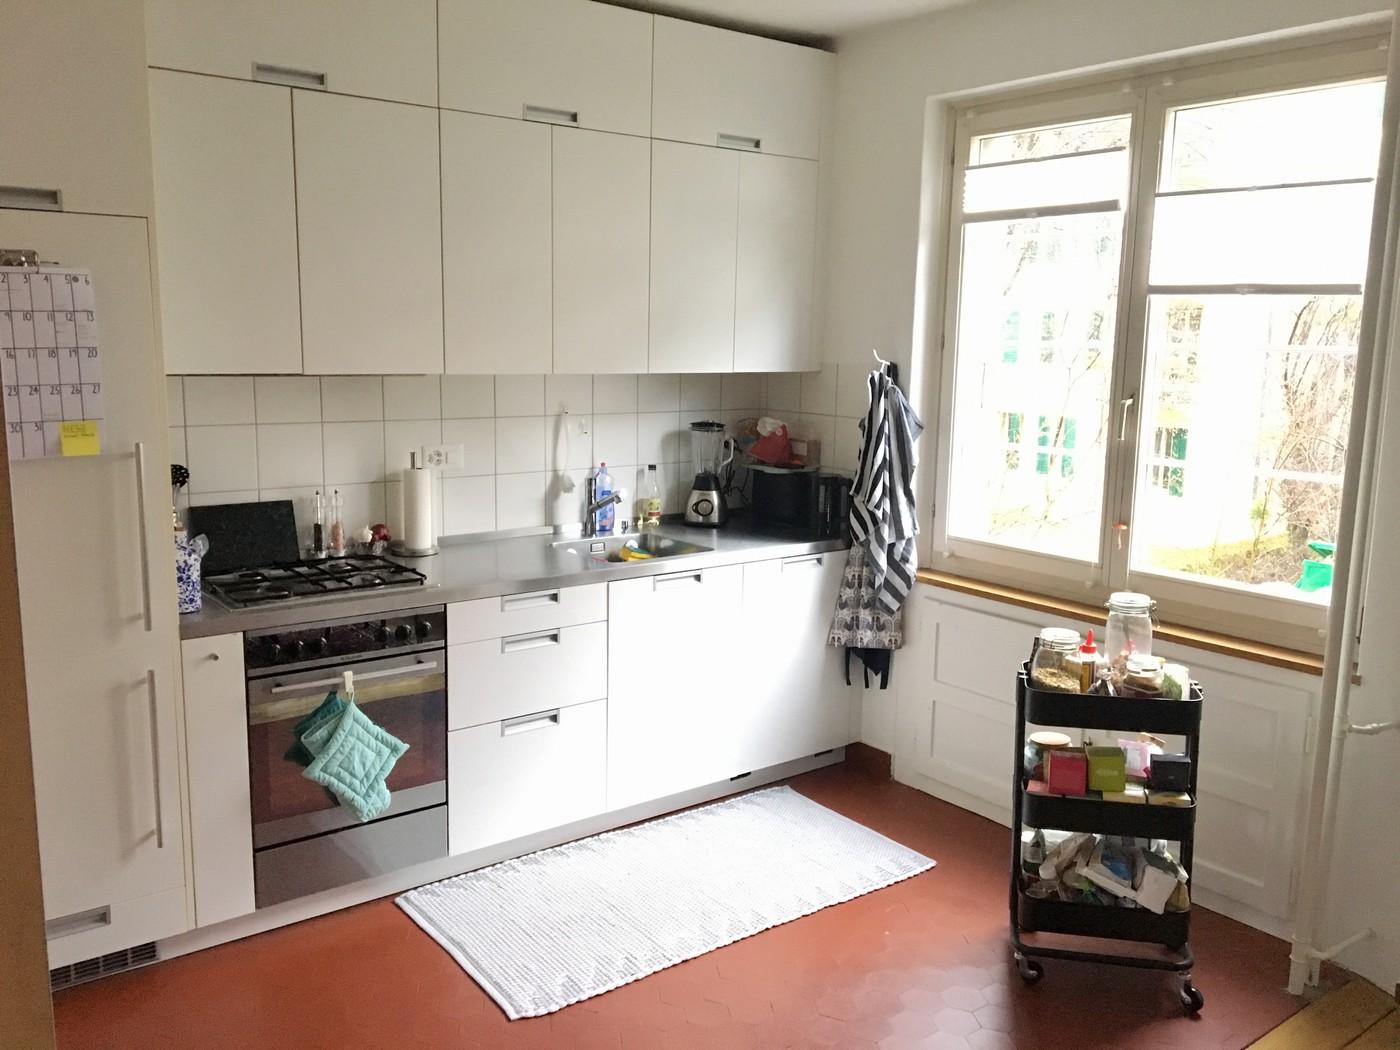 3 Zimmer Wohnung In Zurich Mieten Flatfox